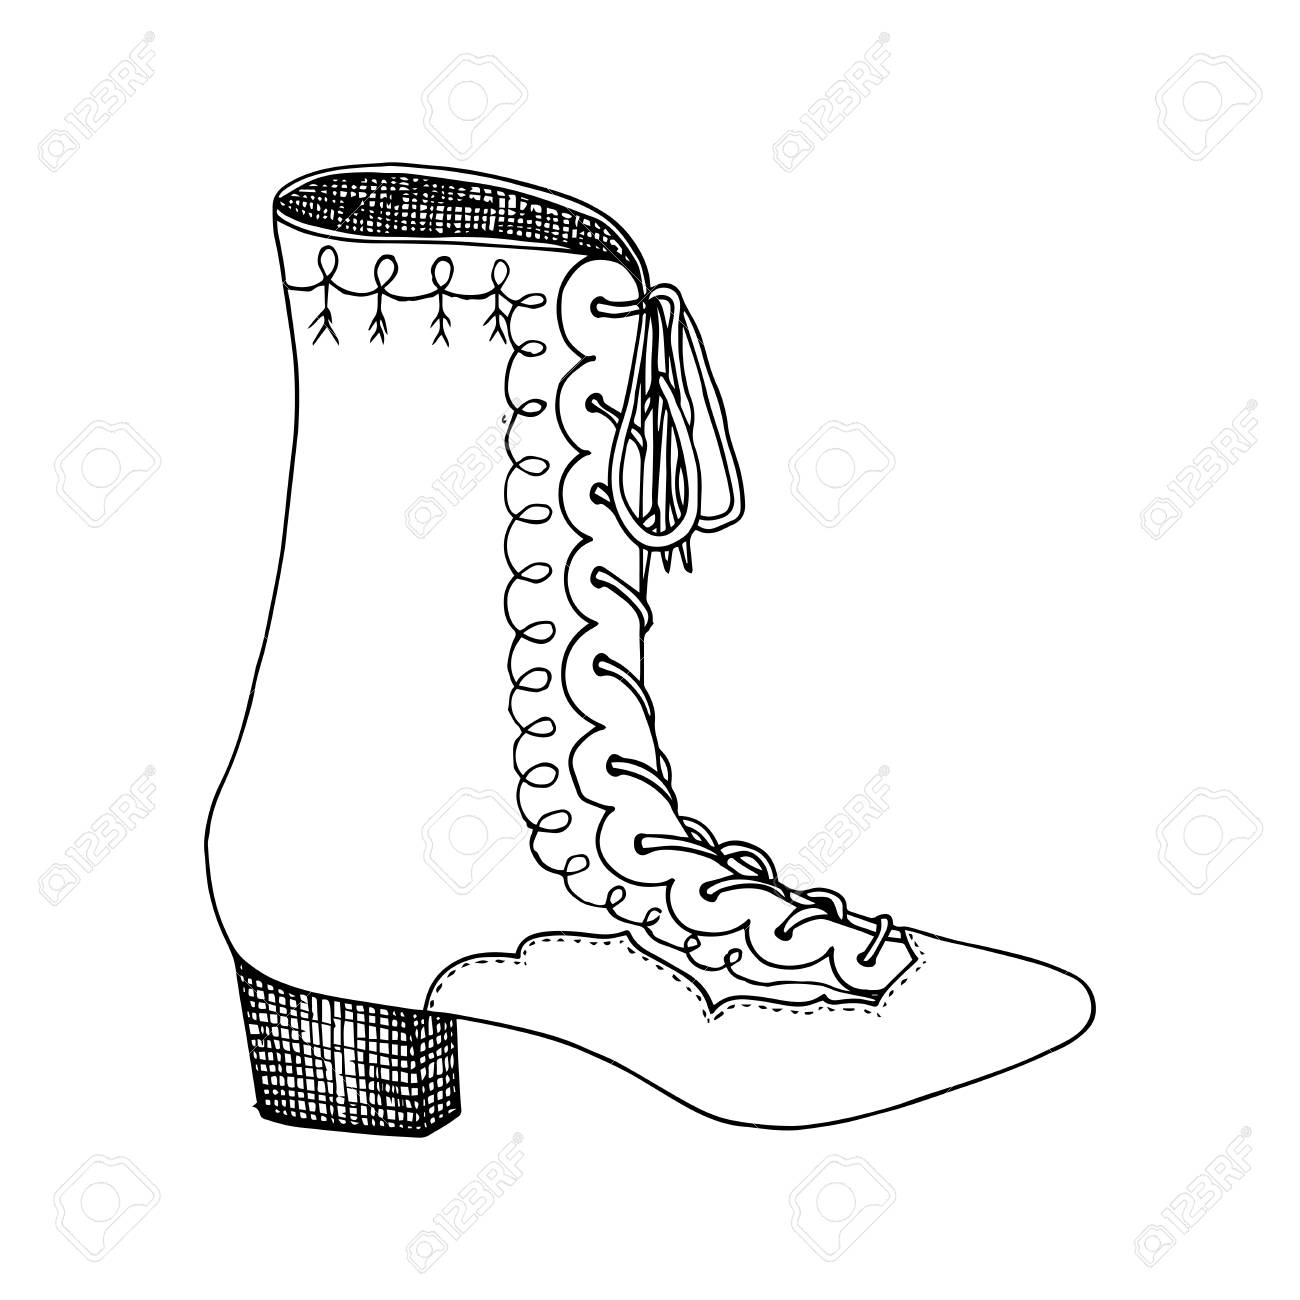 ModeClipart Conception Hauts De À Colorier Talons La Chaussures Isolé FemmeL'illustration Pour Pages Livres kiZXPuOTw